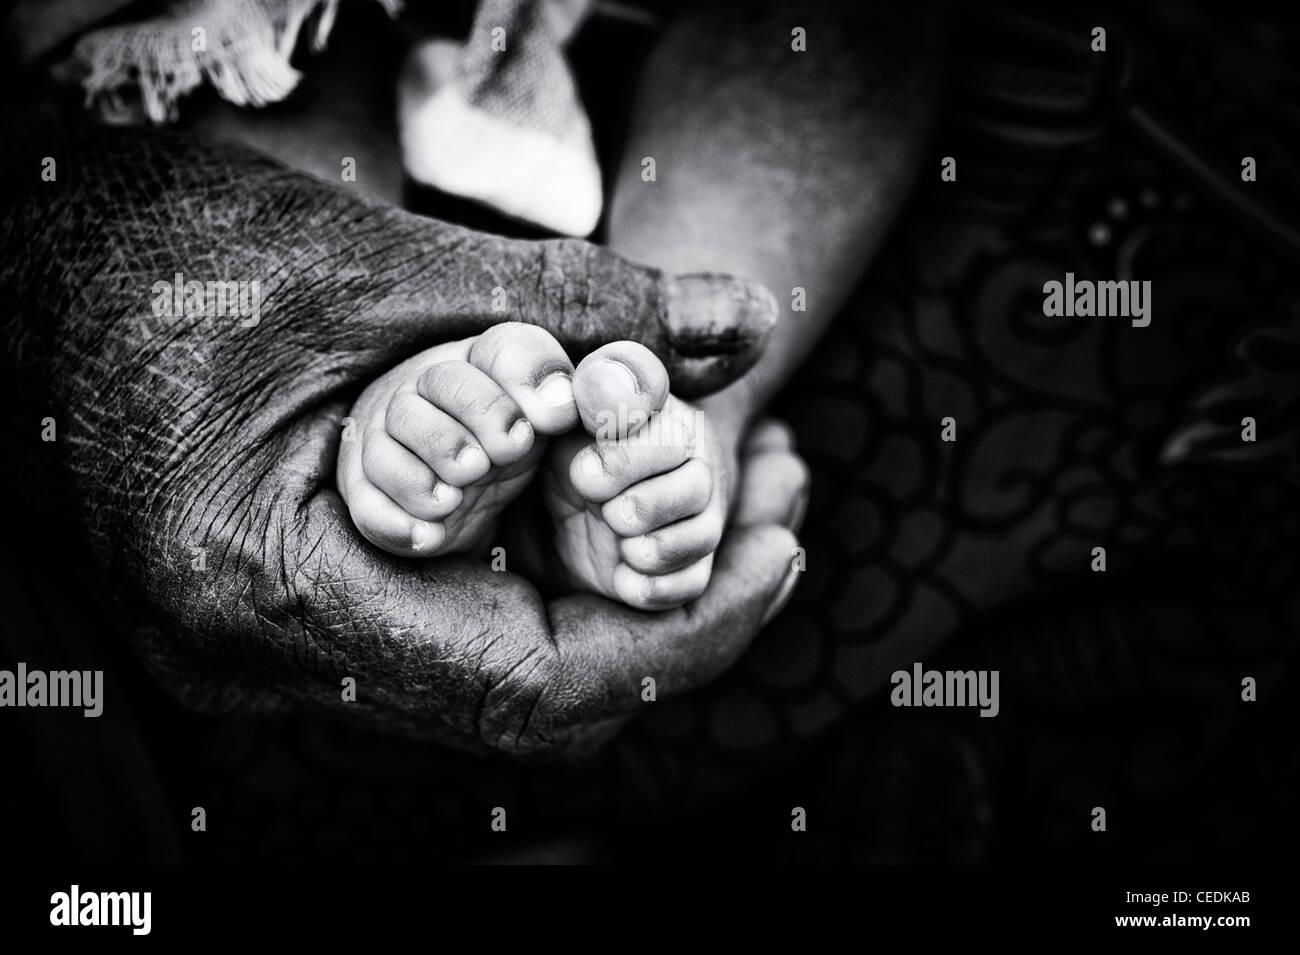 Nonna indiano holding neonati a piedi nudi. Andhra Pradesh, India. Il fuoco selettivo in bianco e nero. Immagini Stock